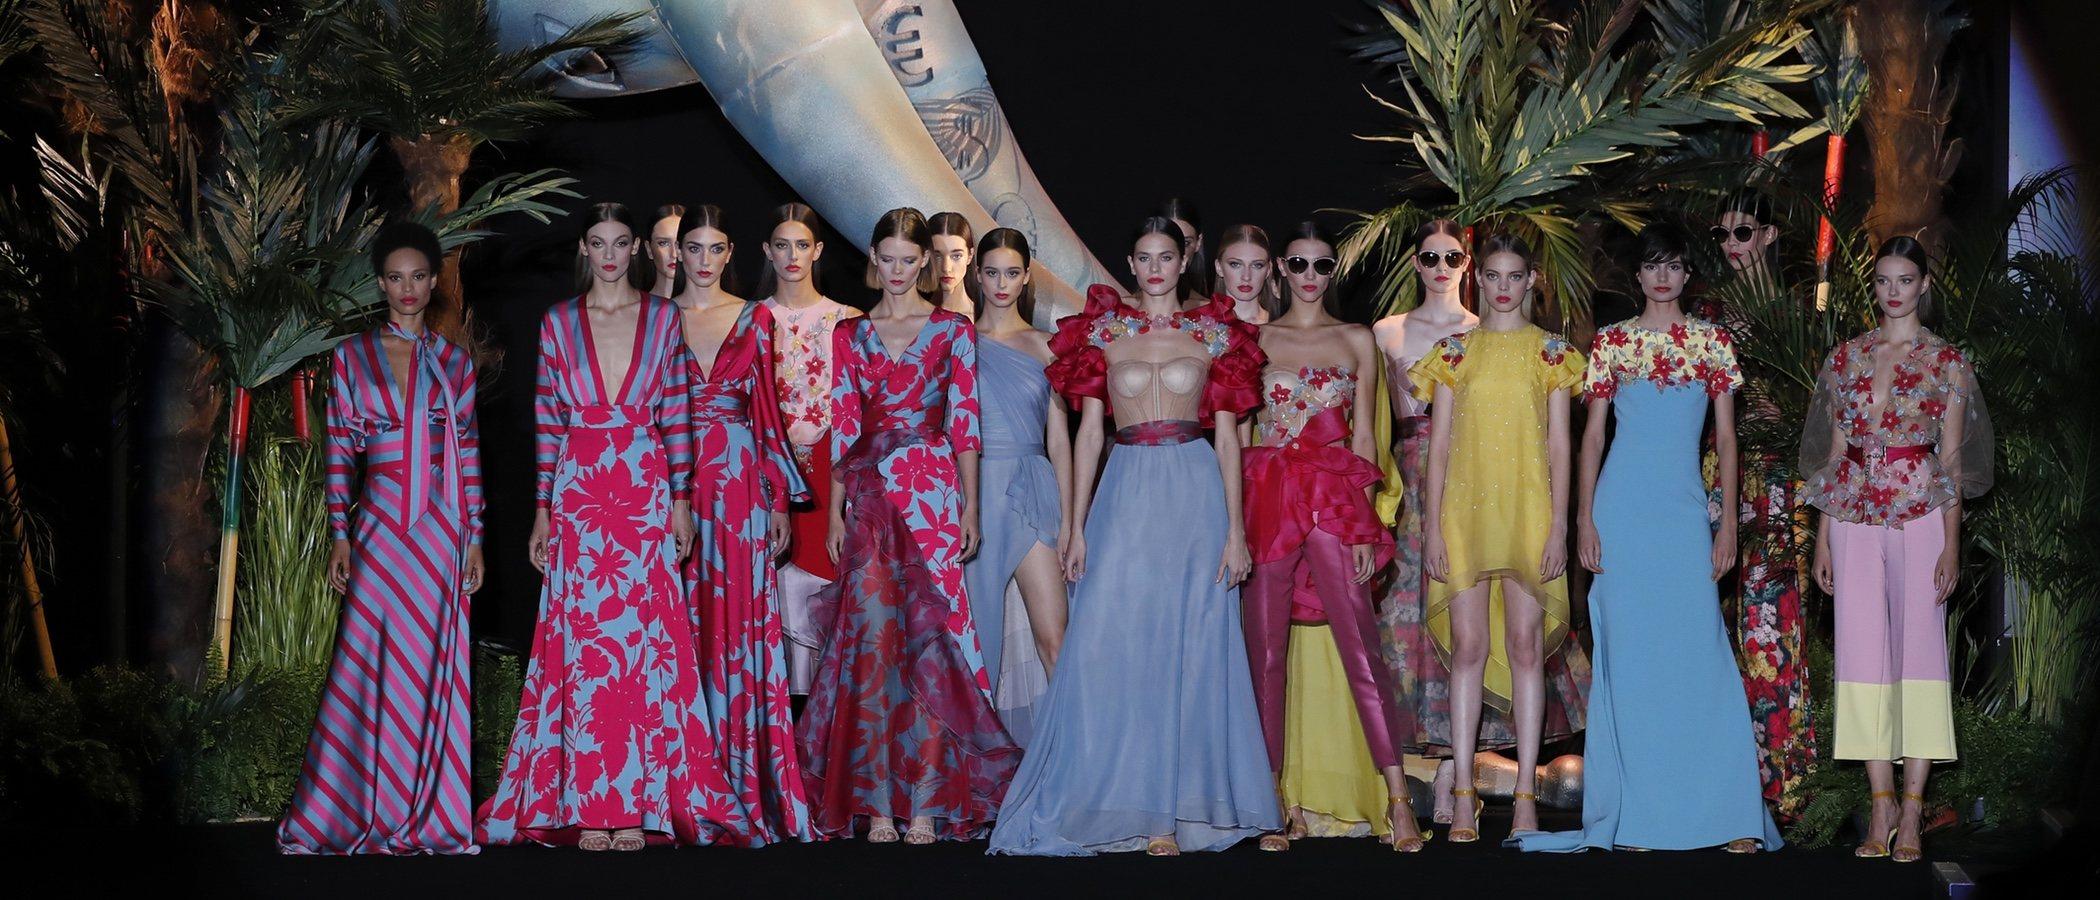 Hannibal Laguna representa la fotosíntesis de la moda en su nueva colección para la MBFWMadrid